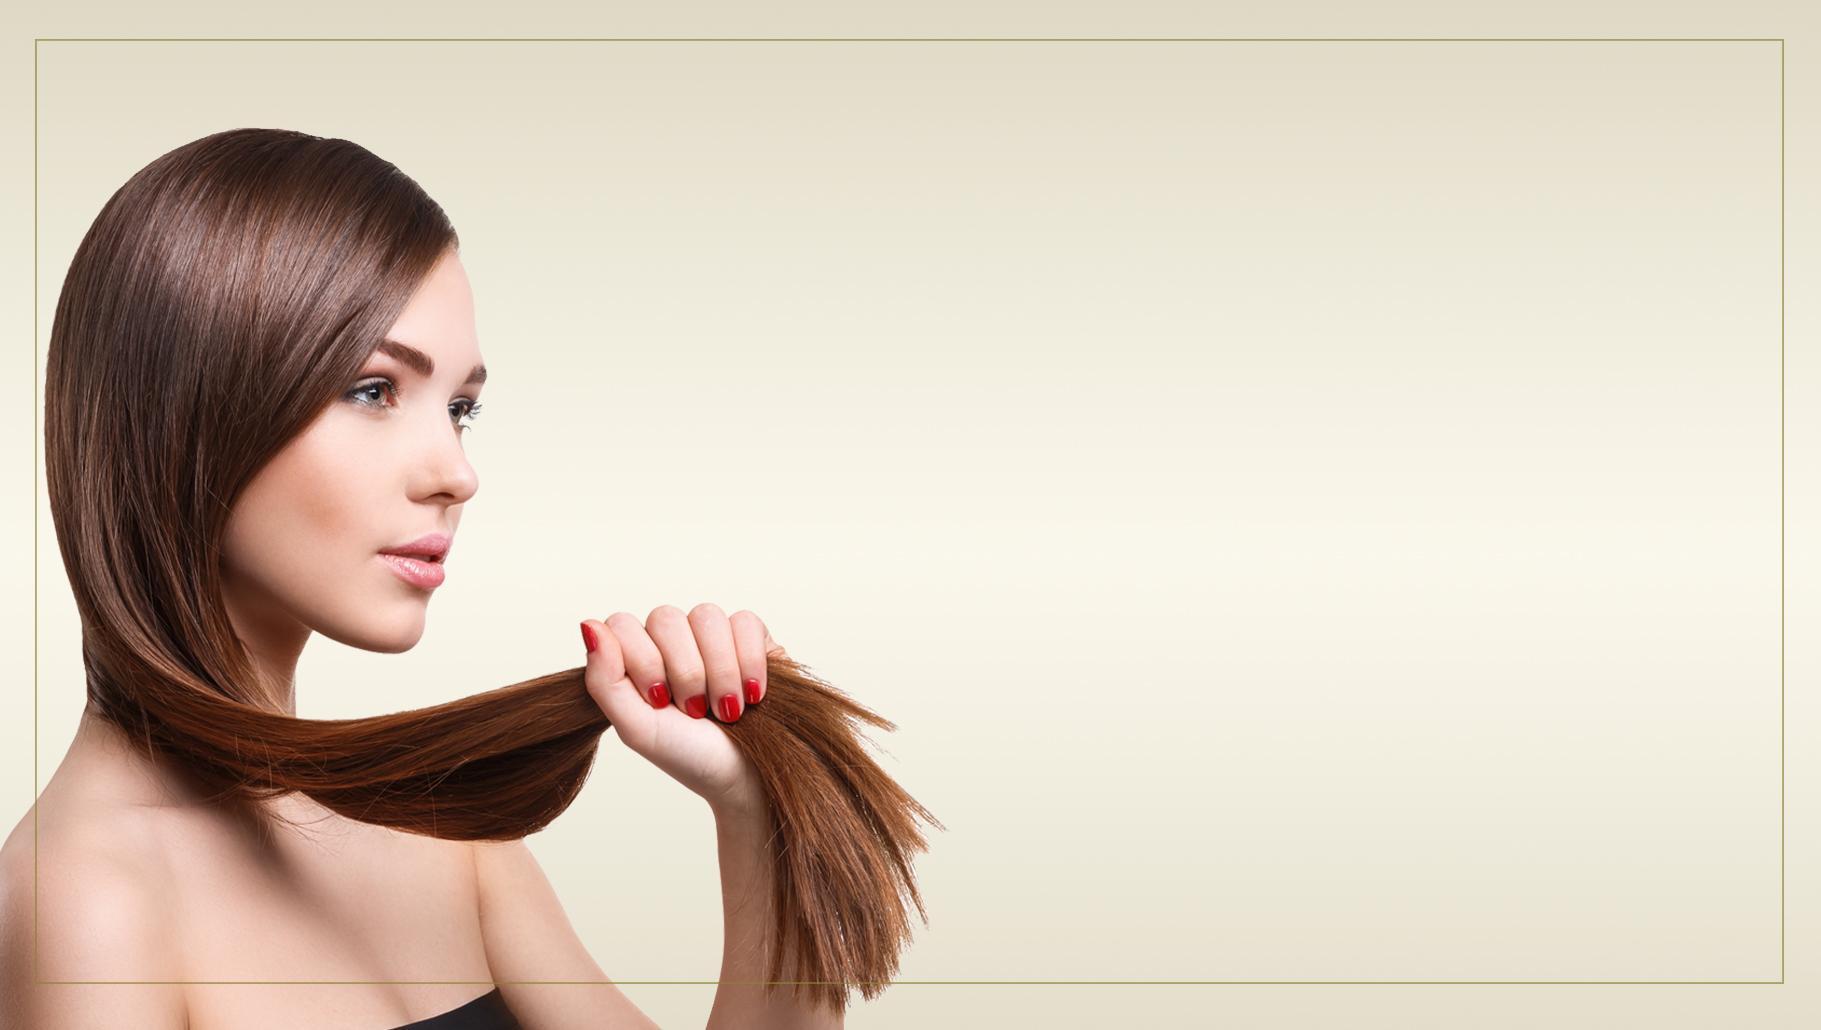 Mujer de pelo castaño